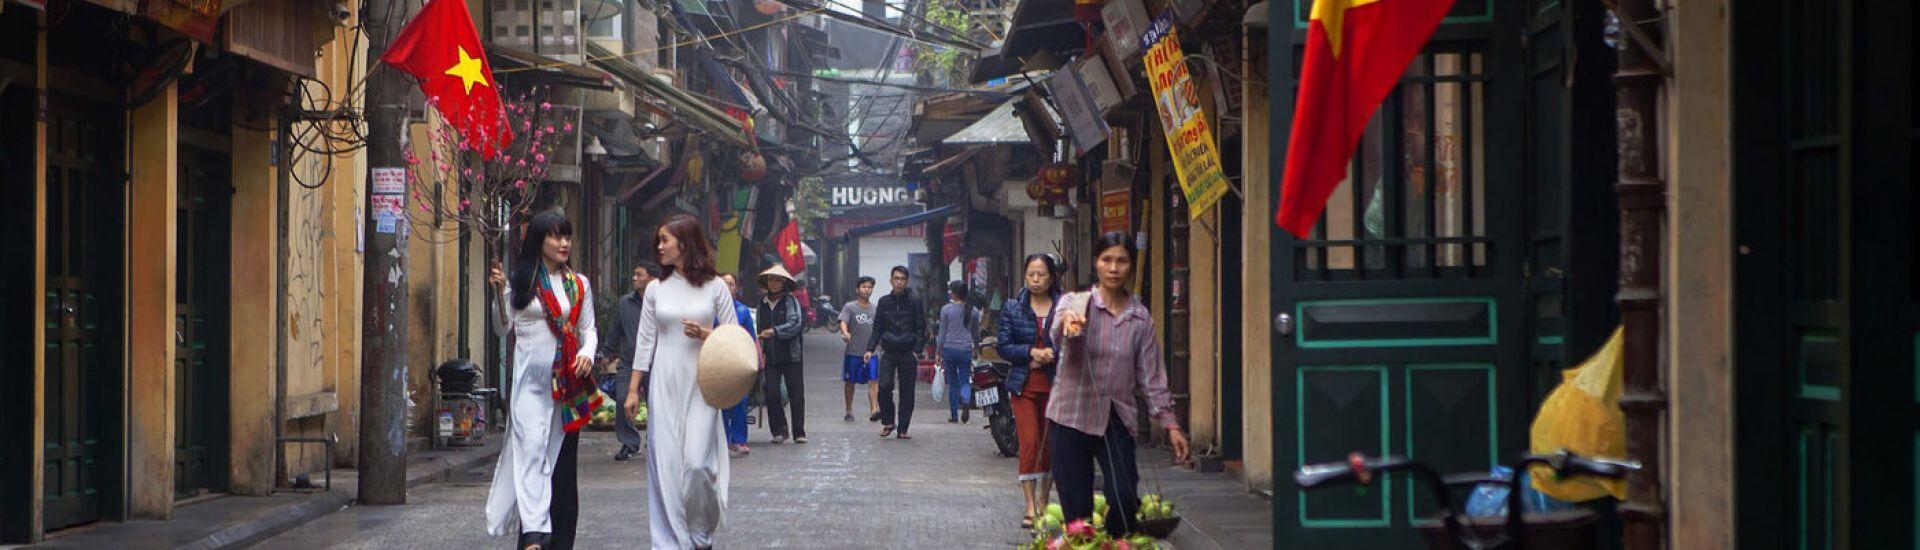 vietnam excursion 3